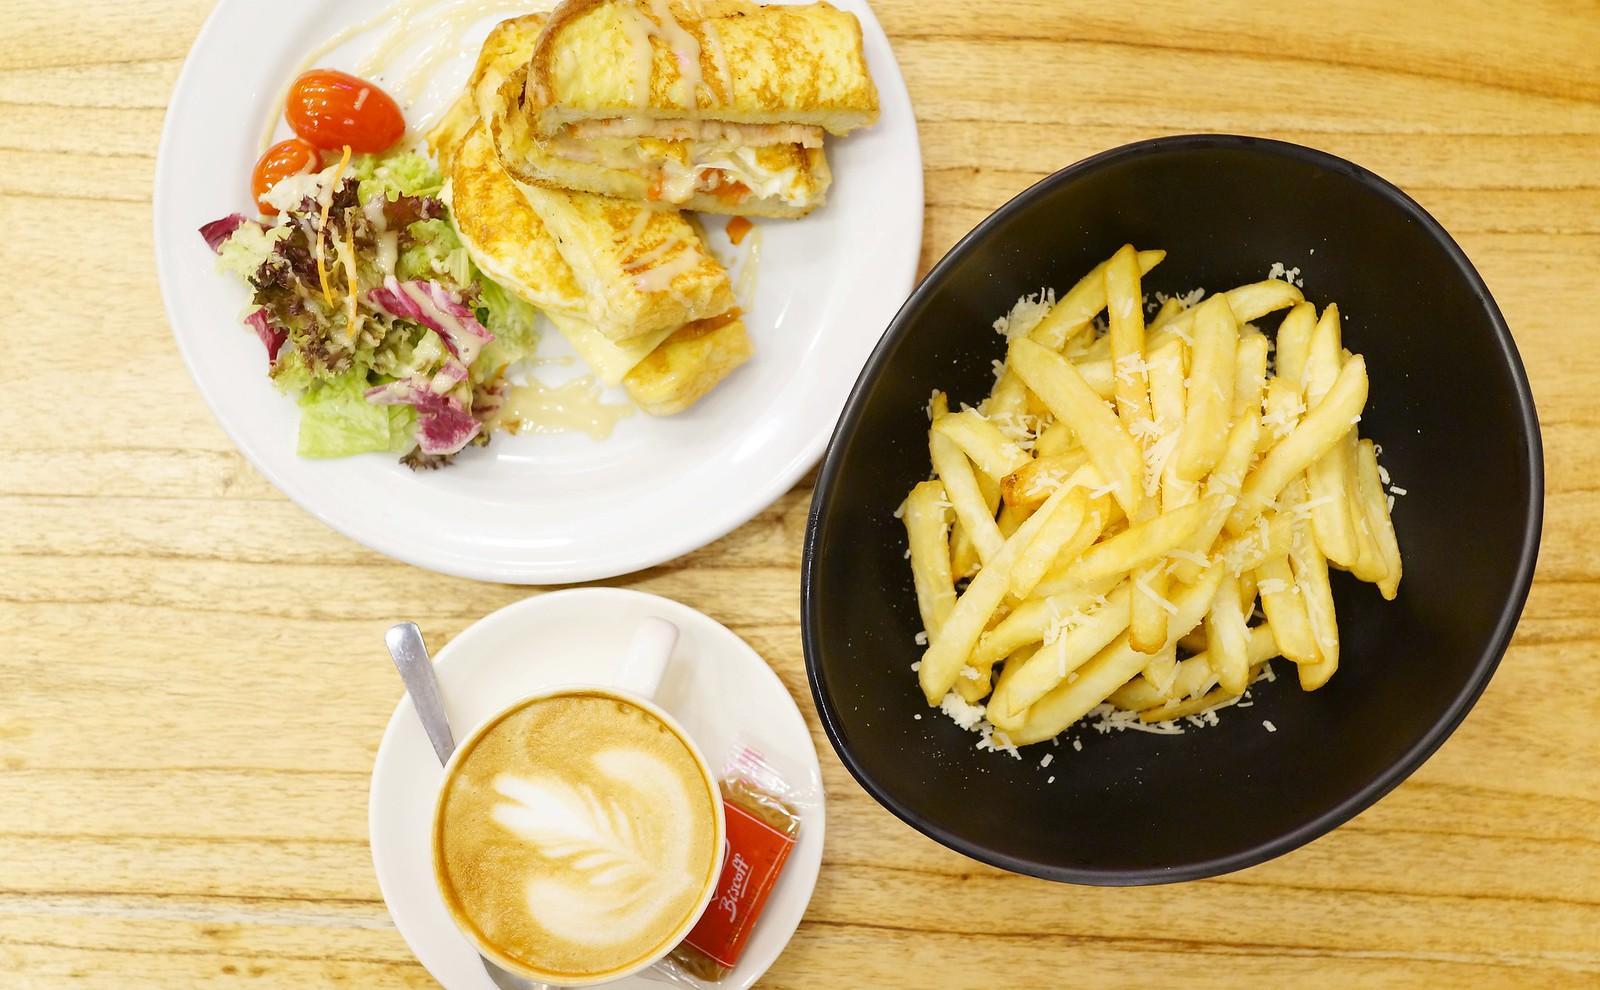 Jack's Cola Cafe